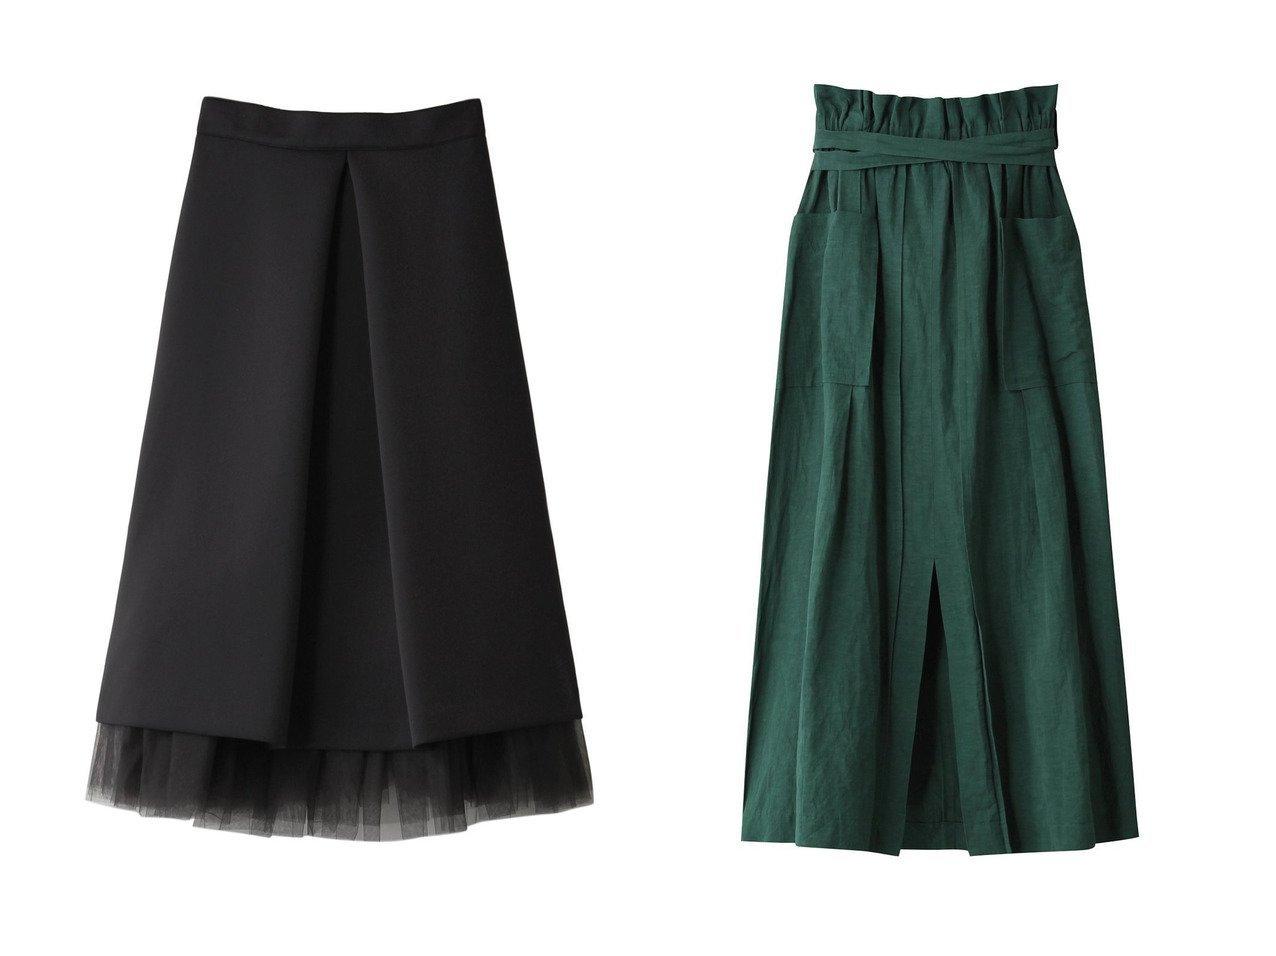 【DESIGN WORKS/デザイン ワークス】のダンボールフロントタックスカート&【martinique/マルティニーク】の【CURRENTAGE】JIM ハイウエストスカート スカートのおすすめ!人気、トレンド・レディースファッションの通販 おすすめで人気の流行・トレンド、ファッションの通販商品 メンズファッション・キッズファッション・インテリア・家具・レディースファッション・服の通販 founy(ファニー) https://founy.com/ ファッション Fashion レディースファッション WOMEN スカート Skirt ロングスカート Long Skirt 2020年 2020 2020-2021 秋冬 A/W AW Autumn/Winter / FW Fall-Winter 2020-2021 2021年 2021 2021 春夏 S/S SS Spring/Summer 2021 インナー ギャザー フロント ロング 春 Spring A/W 秋冬 AW Autumn/Winter / FW Fall-Winter  ID:crp329100000010767